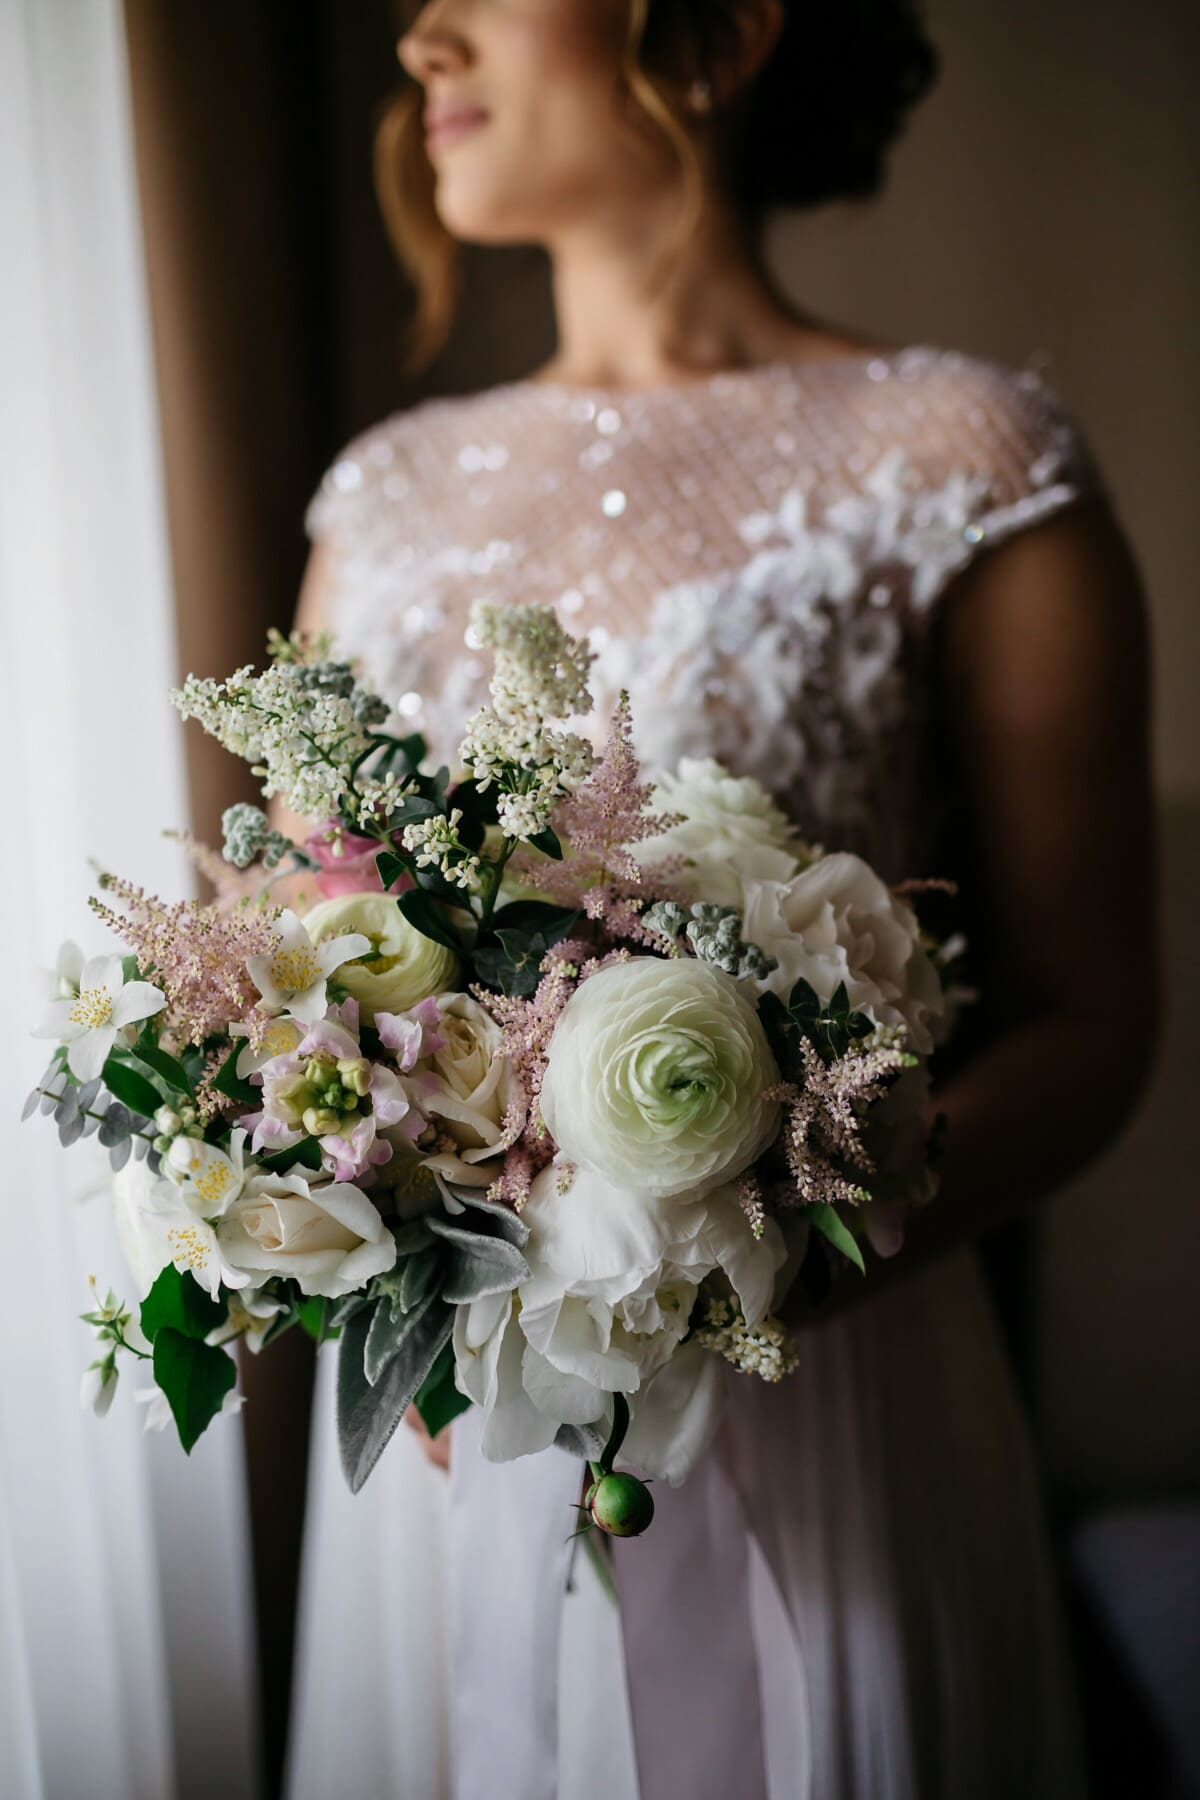 debout, la mariée, bouquet de mariage, Holding, amour, bouquet, fleurs, décoration, femme, mariage